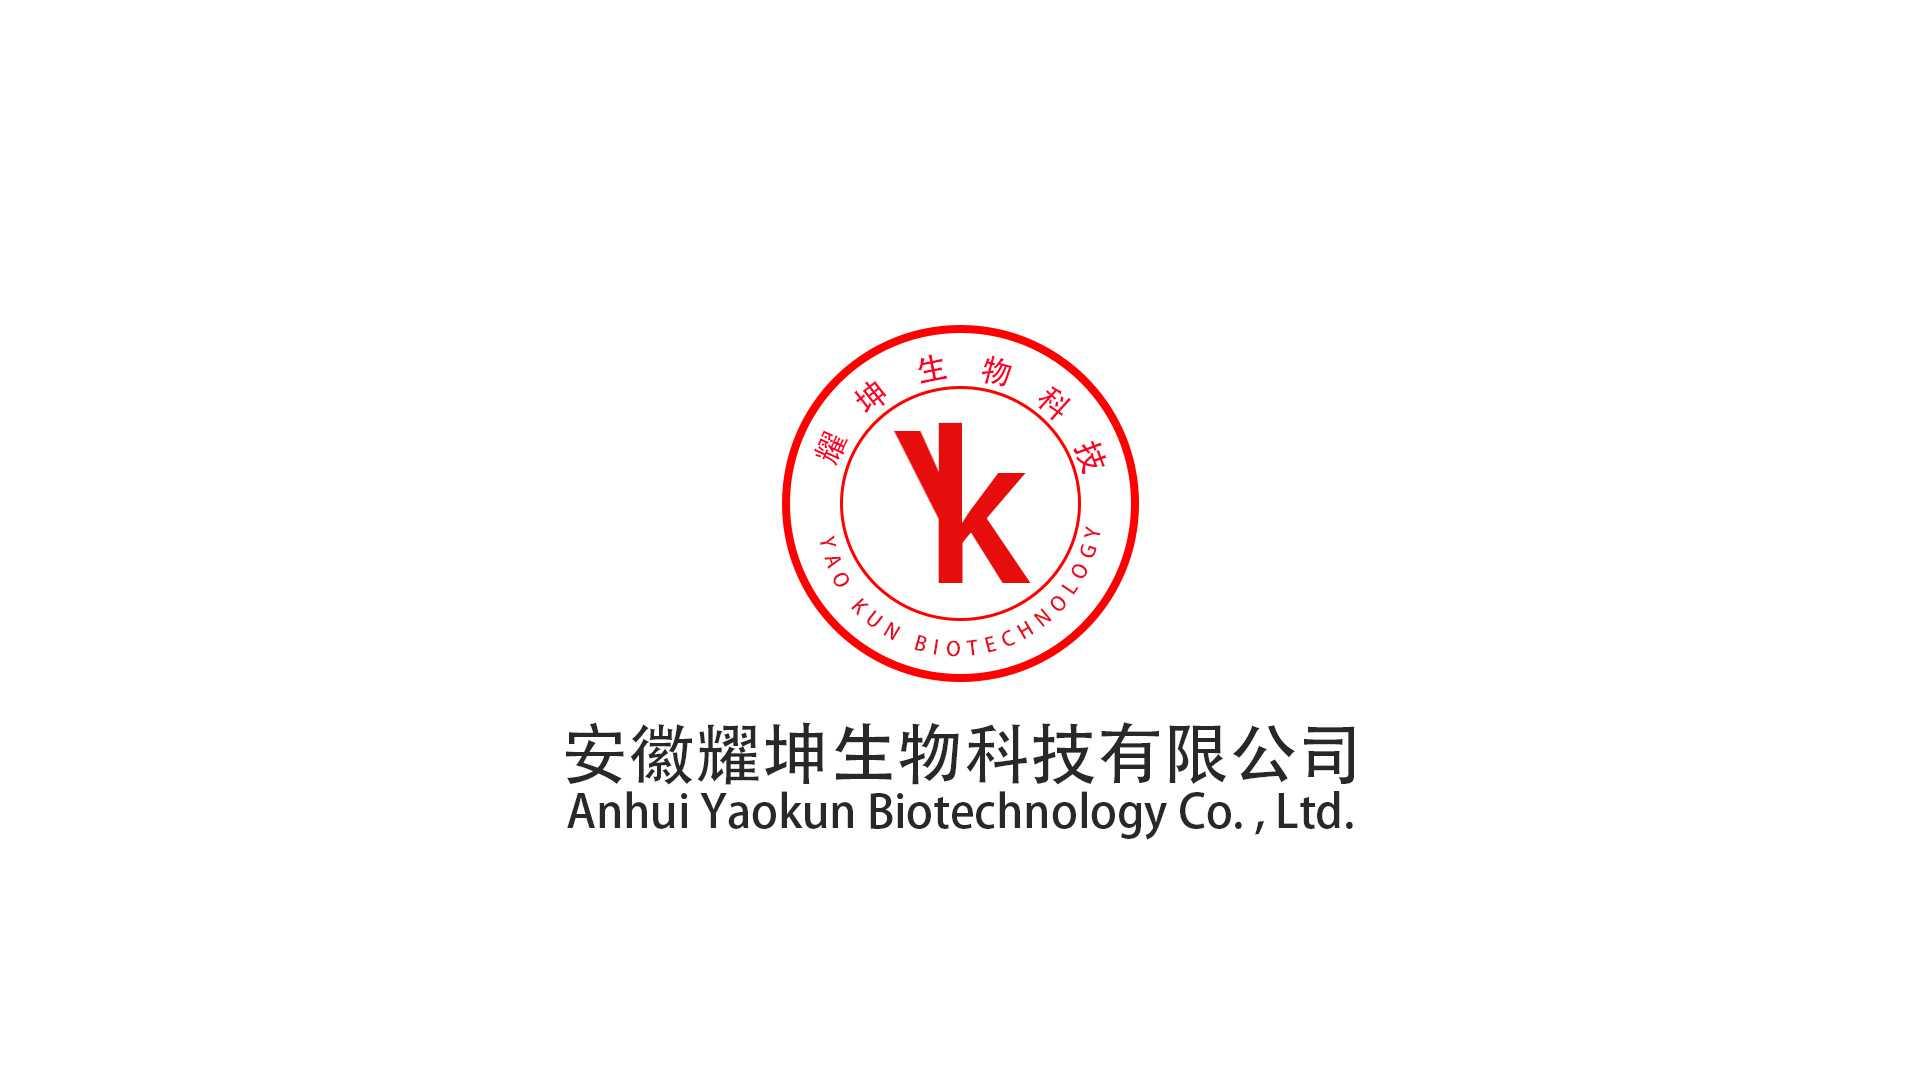 安徽耀坤生物科技有限公司